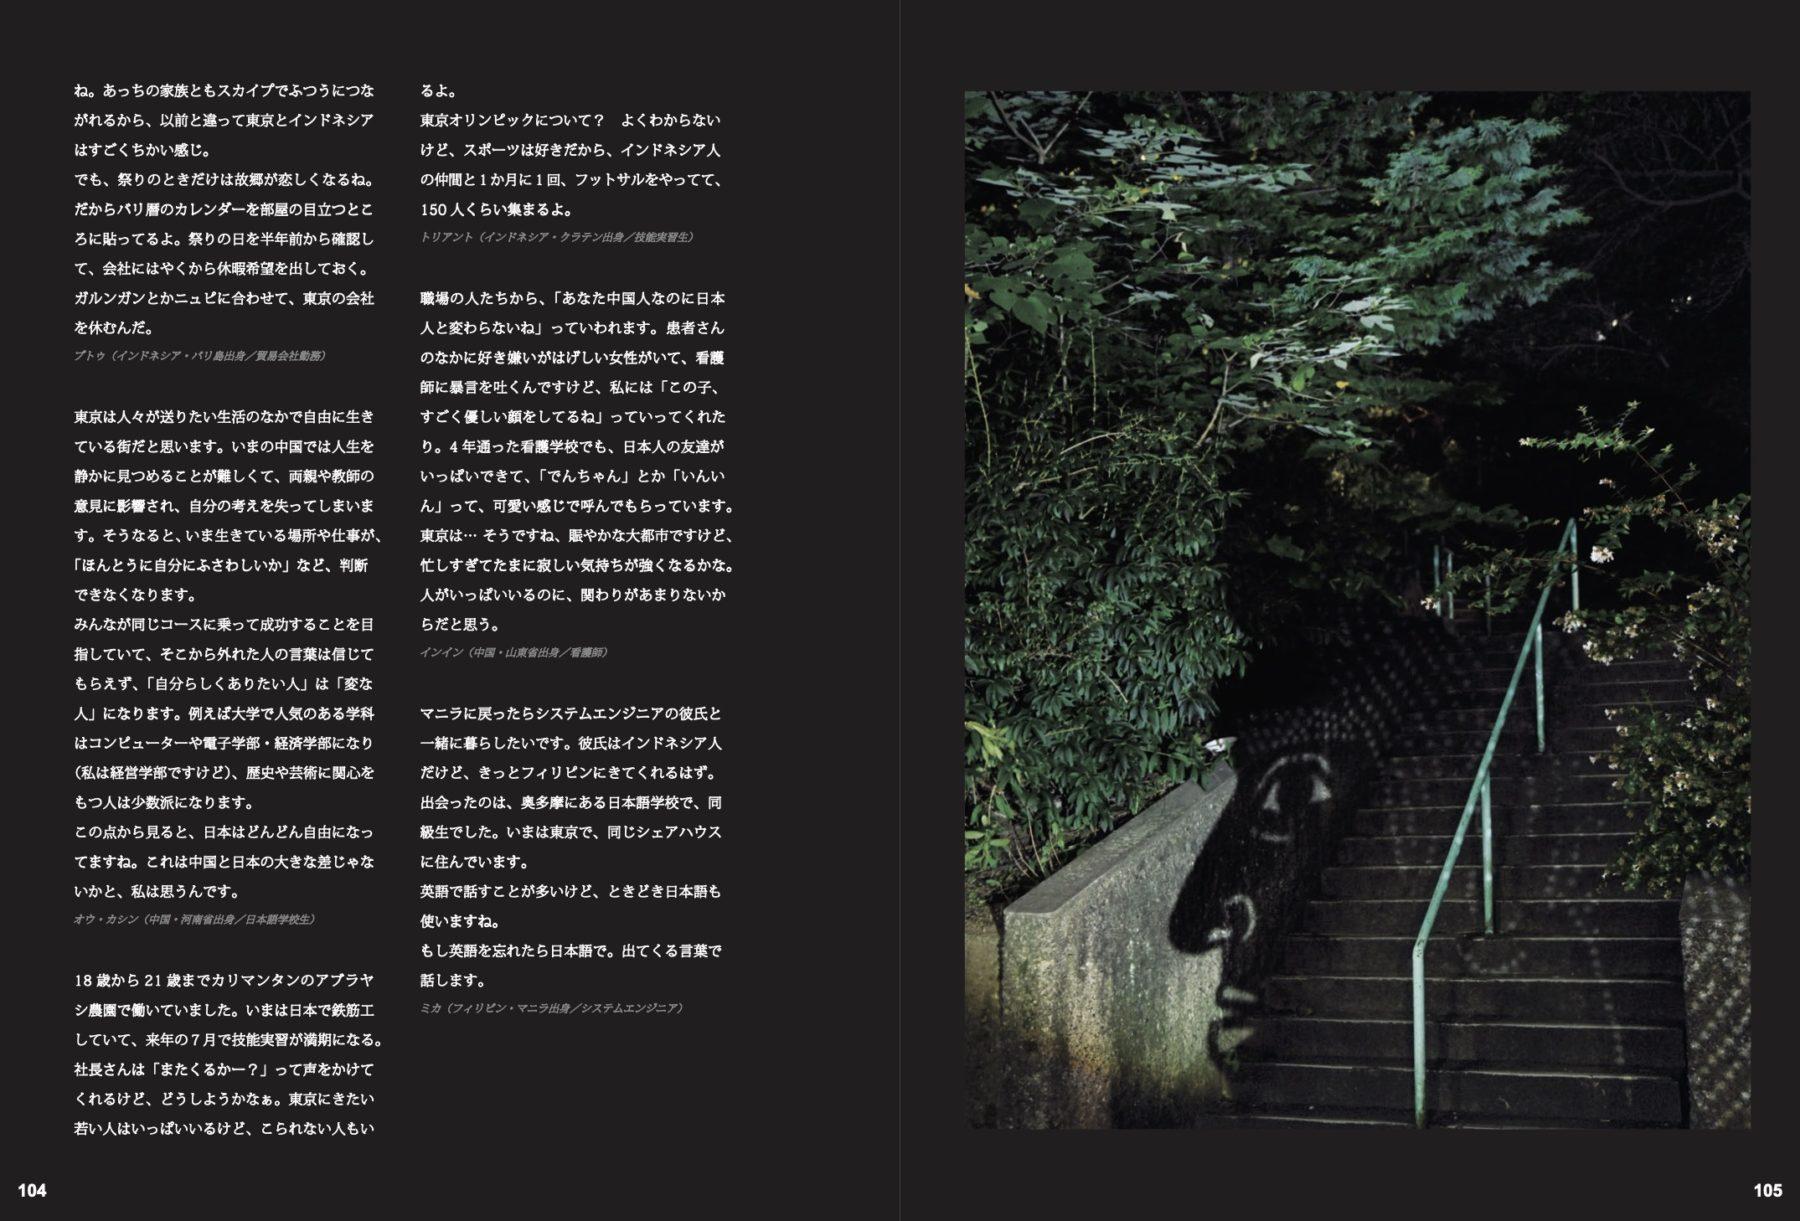 念校_tokyokagee(ドラッグされました) 3のコピー